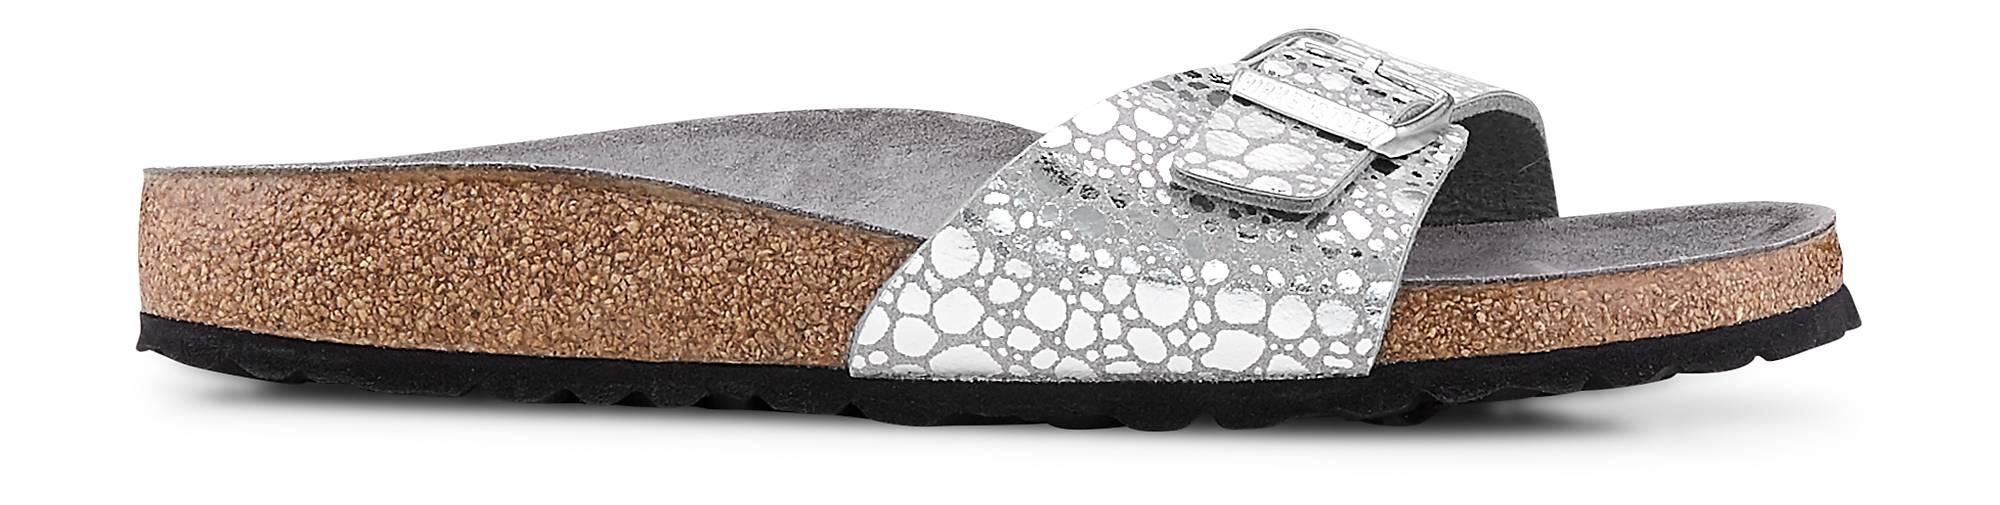 Birkenstock Pantolette MADRID in | silber kaufen - 47486601 | in GÖRTZ Gute Qualität beliebte Schuhe 36947c